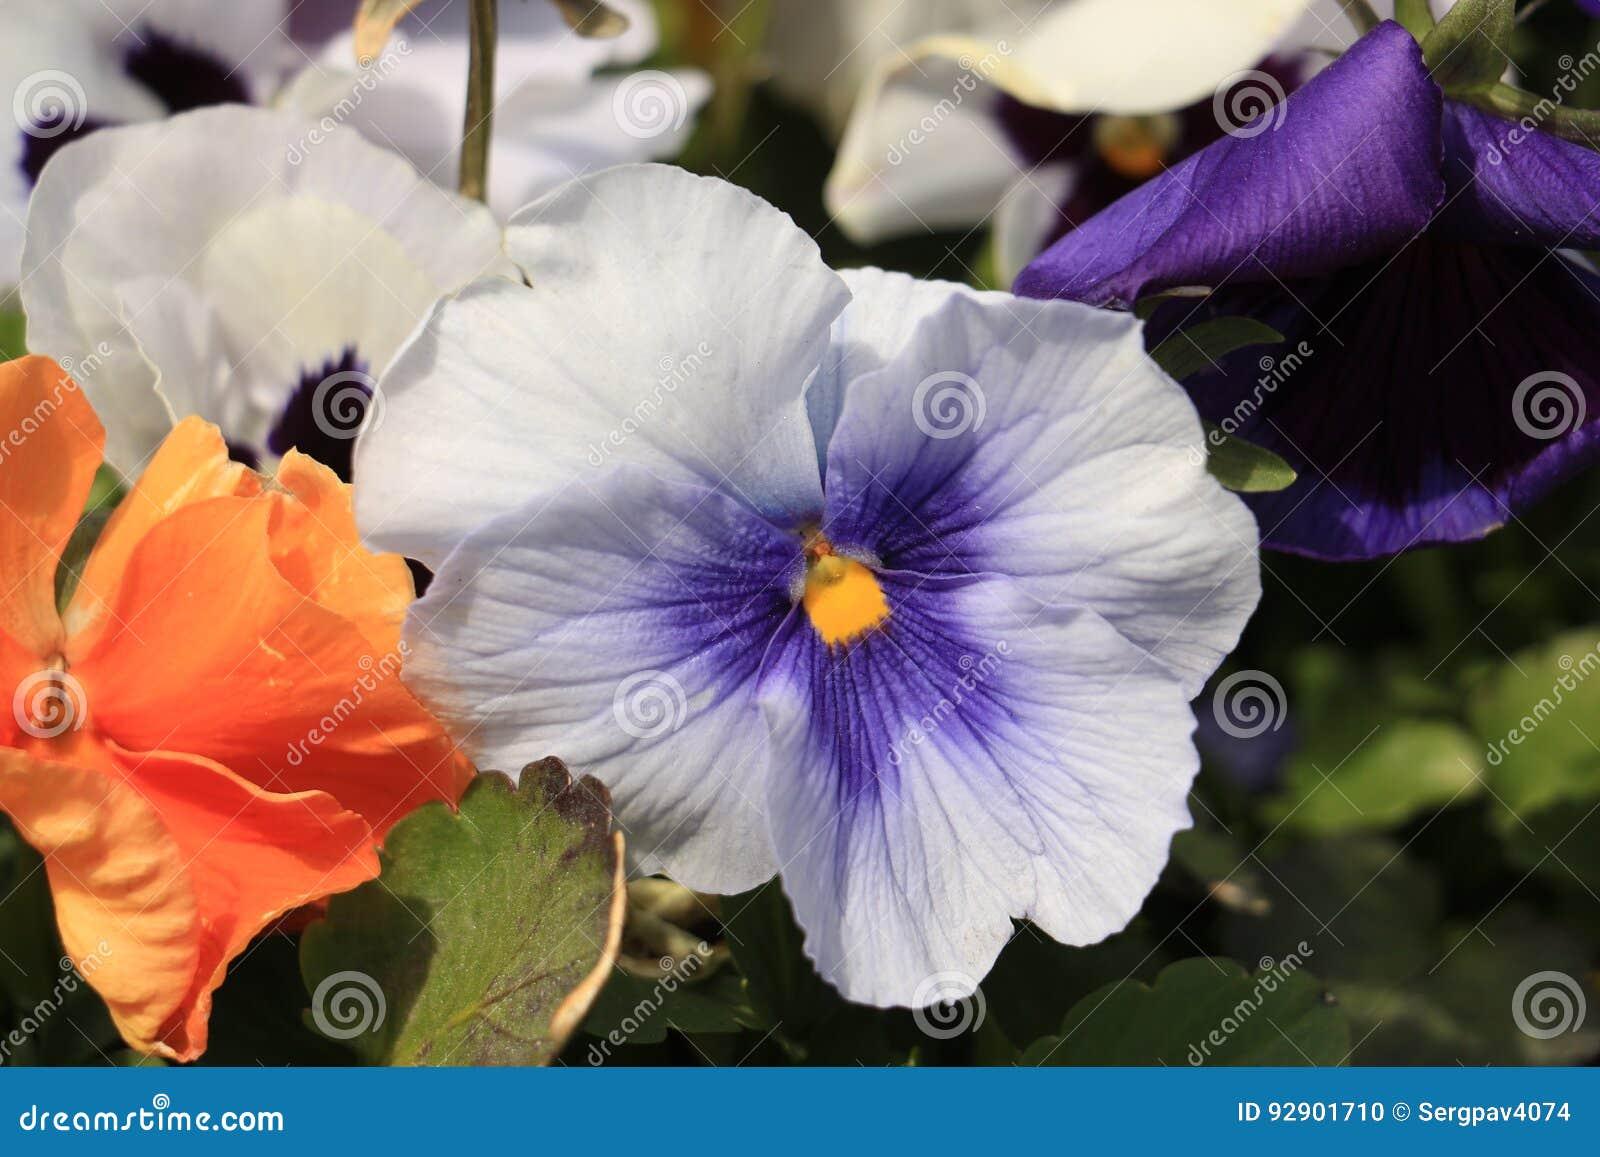 Víola trícolor